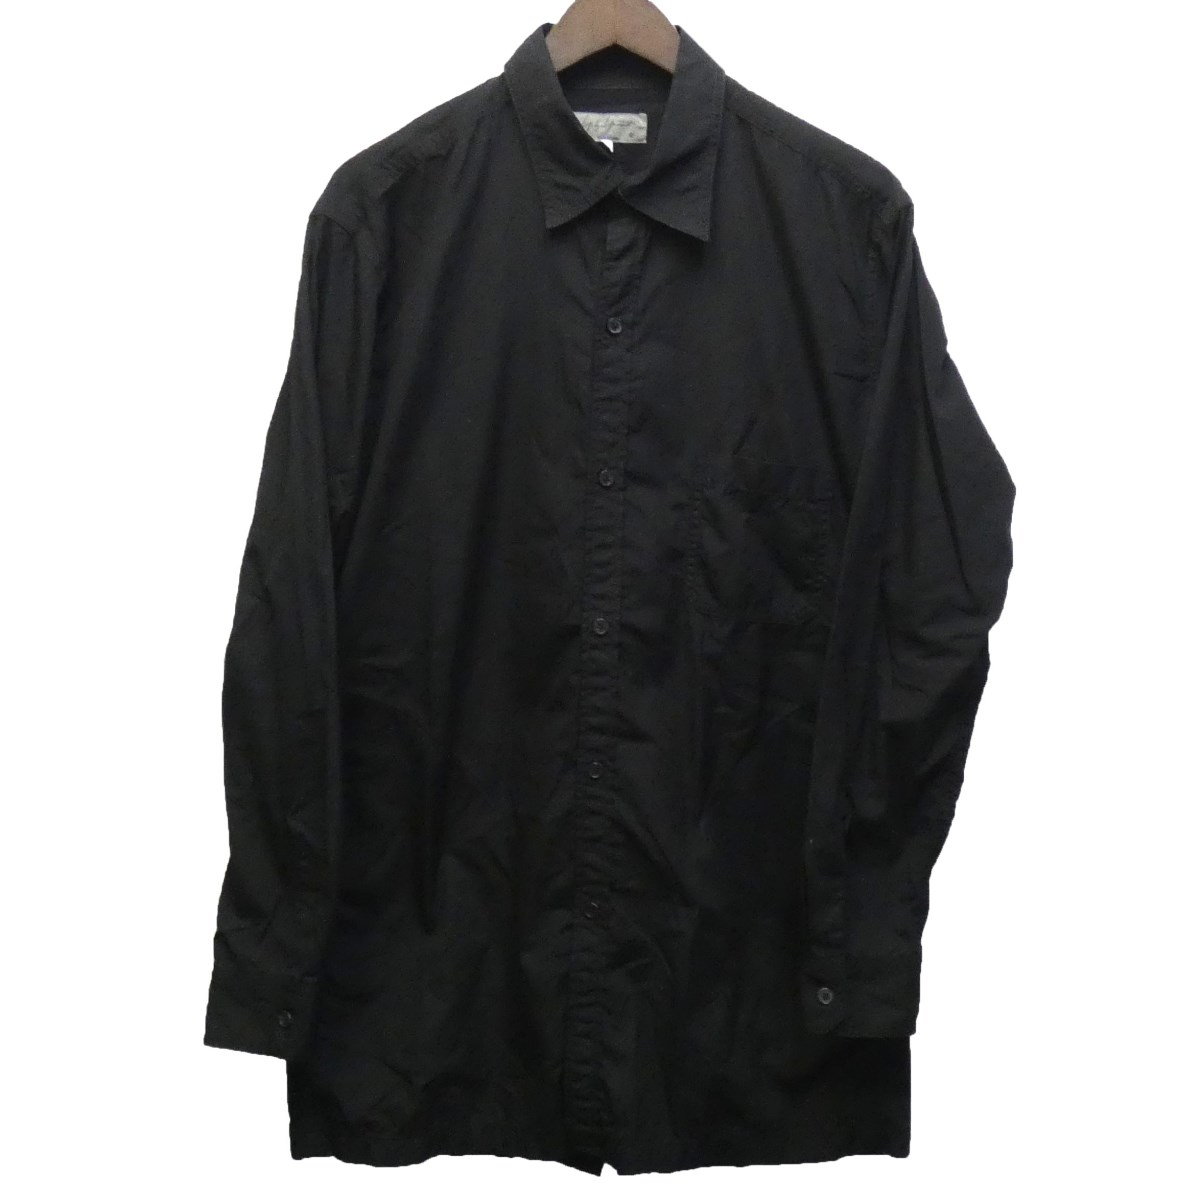 【中古】YOHJI YAMAMOTO pour homme 18SS バックオープンシャツ ブラック サイズ:3 【010420】(ヨウジヤマモトプールオム)